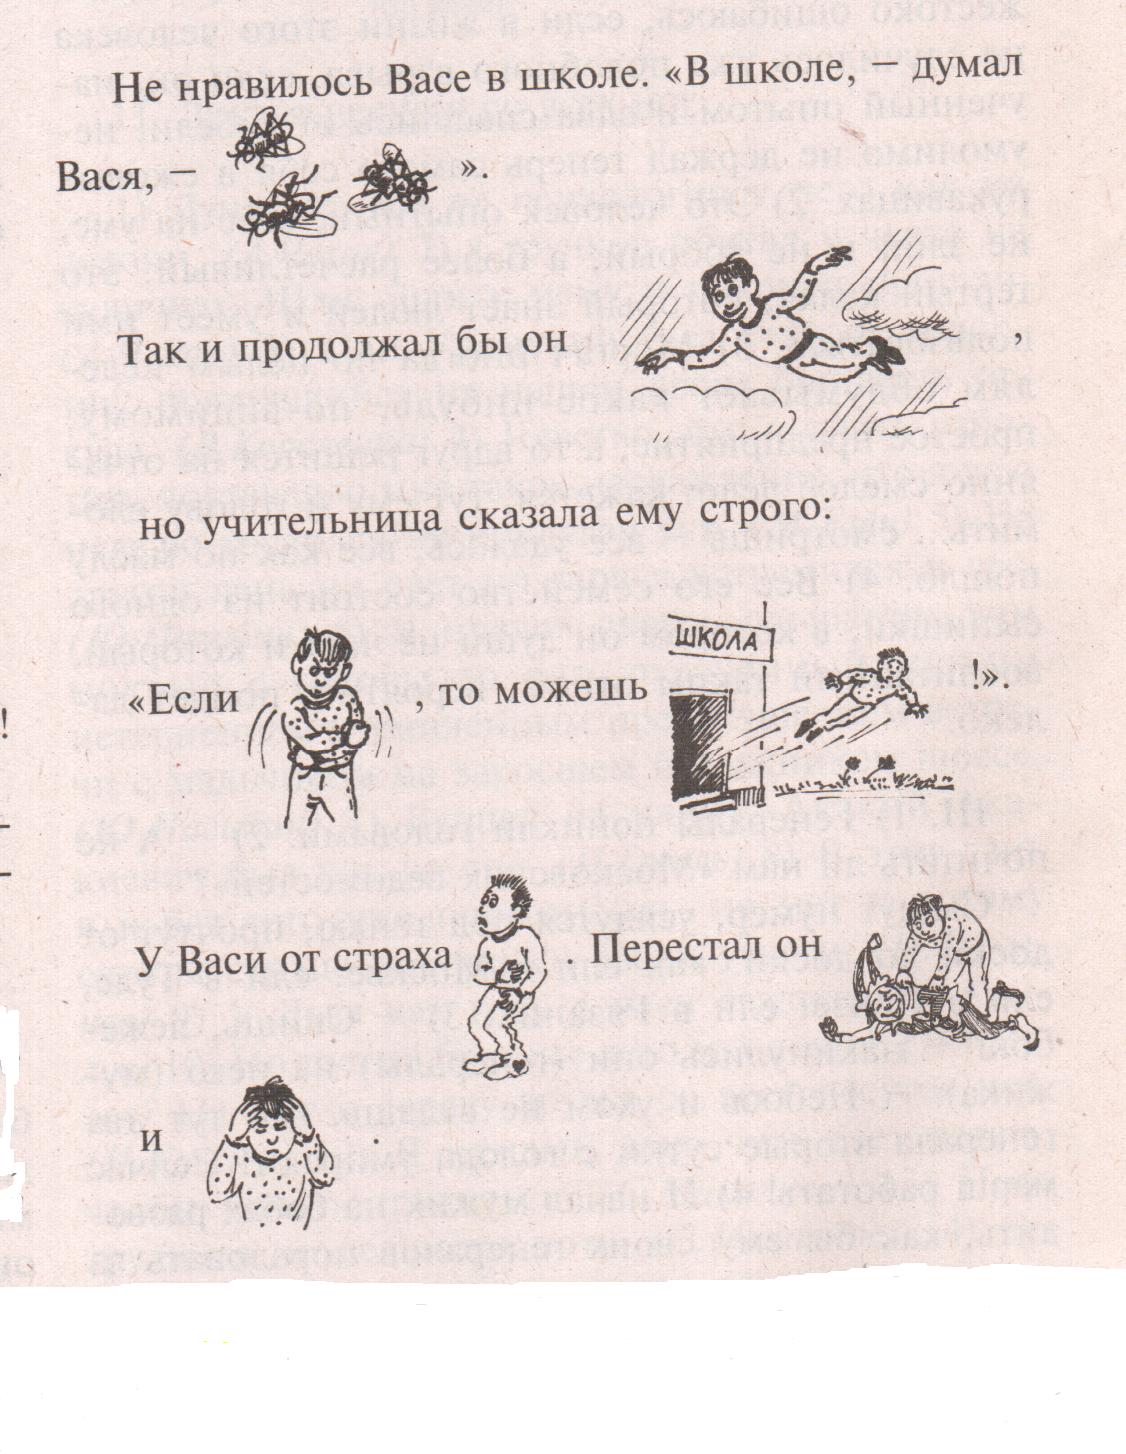 Аннибалова клятва: значение и происхождение фразеологизма 12